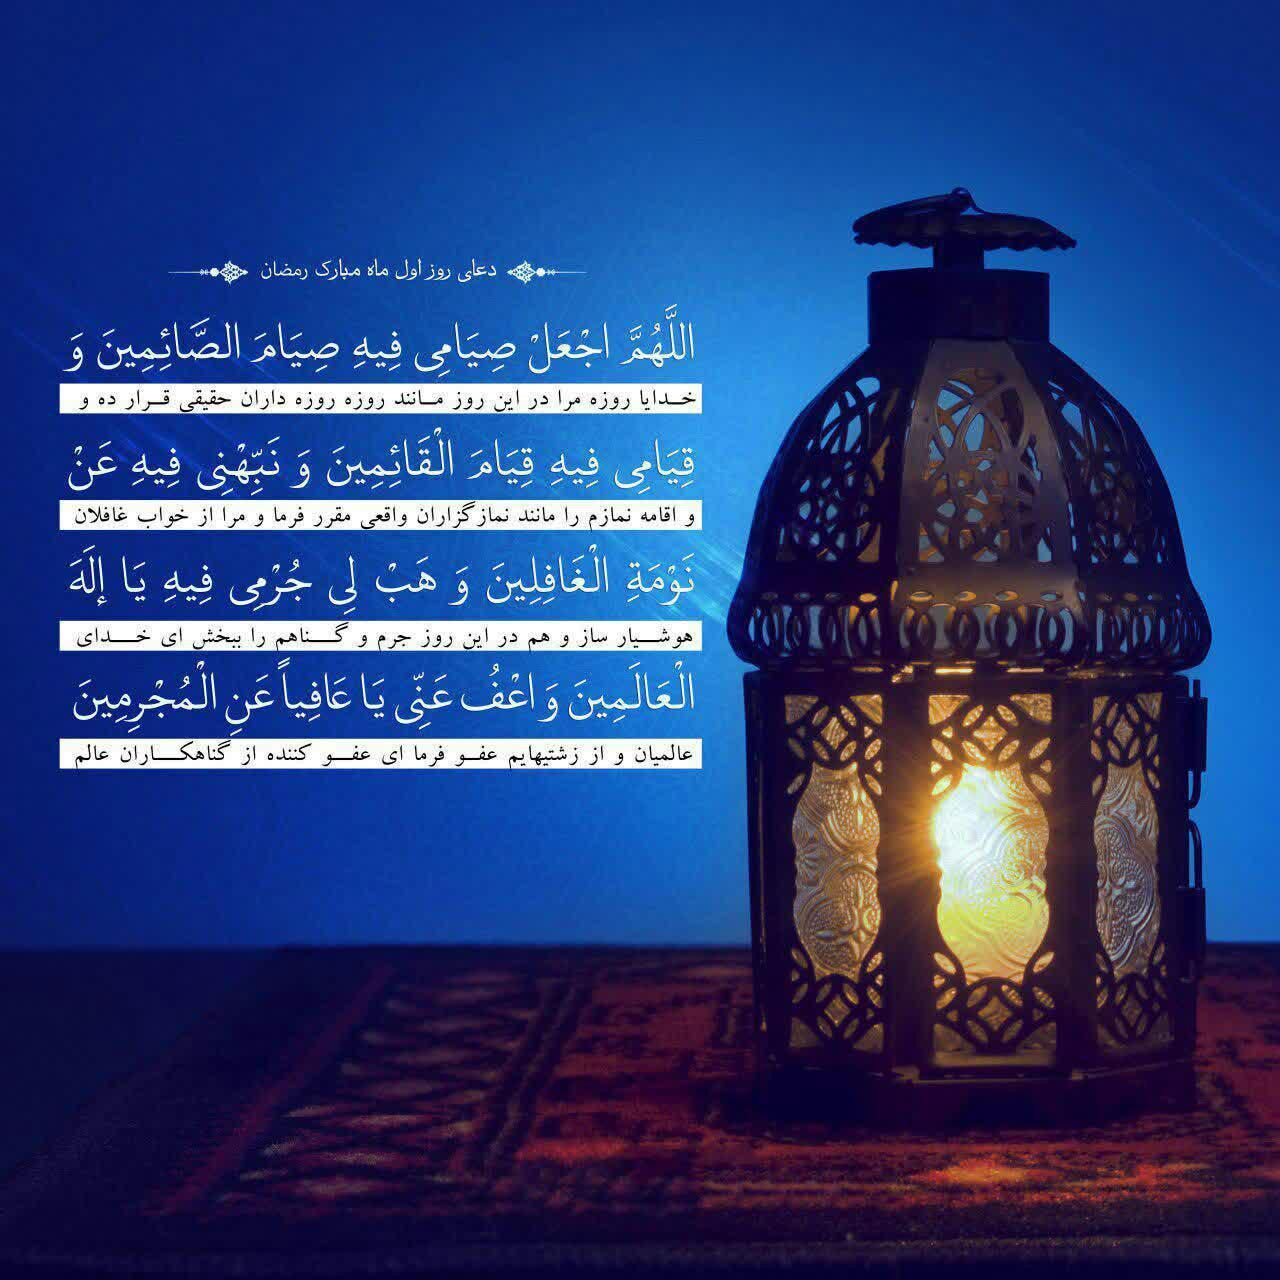 عکس نوشته دعا روز اول ماه رمضان